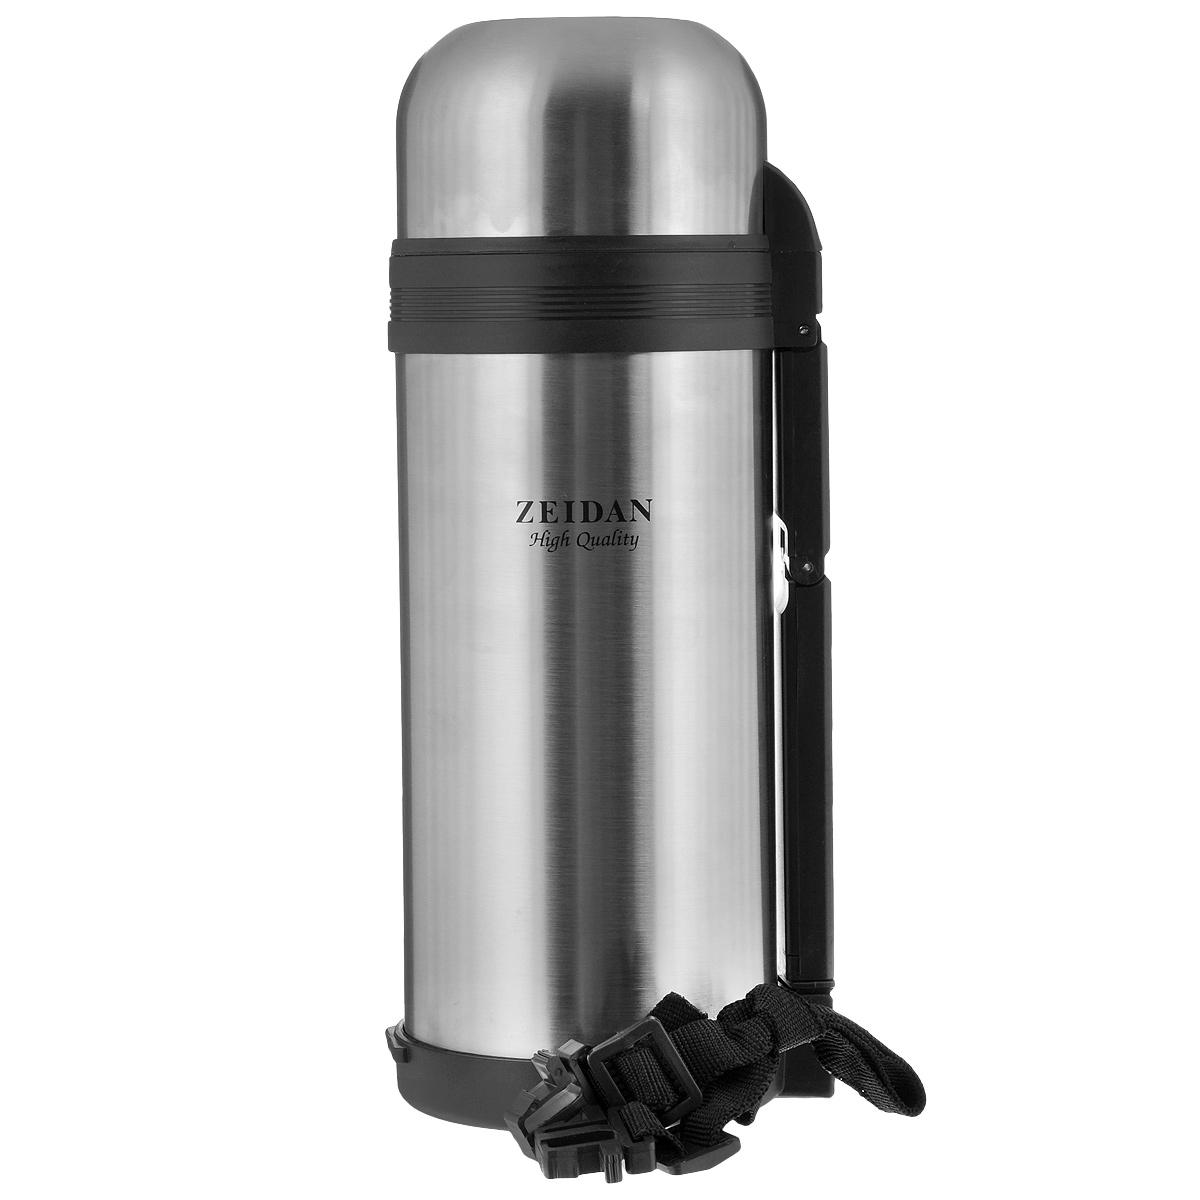 """Термос с универсальным горлом Zeidan """"Sean"""", изготовленный из высококачественной нержавеющей стали и пластика, является простым в использовании, экономичным и многофункциональным. Термос с вакуумной изоляцией предназначен для хранения горячих и холодных напитков (чая, кофе). Изделие укомплектовано пробкой с кнопкой, дополнительной пластиковой чашей и удобной складной ручкой для переноски. Пробка удобна в использовании и позволяет, не отвинчивая ее, наливать напитки после простого нажатия кнопки. Изделие также оснащено крышкой-чашкой. Легкий и прочный термос Zeidan """"Sean"""" сохранит ваши напитки горячими или холодными надолго.Высота (с учетом крышки): 29 см.Диаметр горлышка: 7,5 см. Диаметр основания: 10,5 см."""